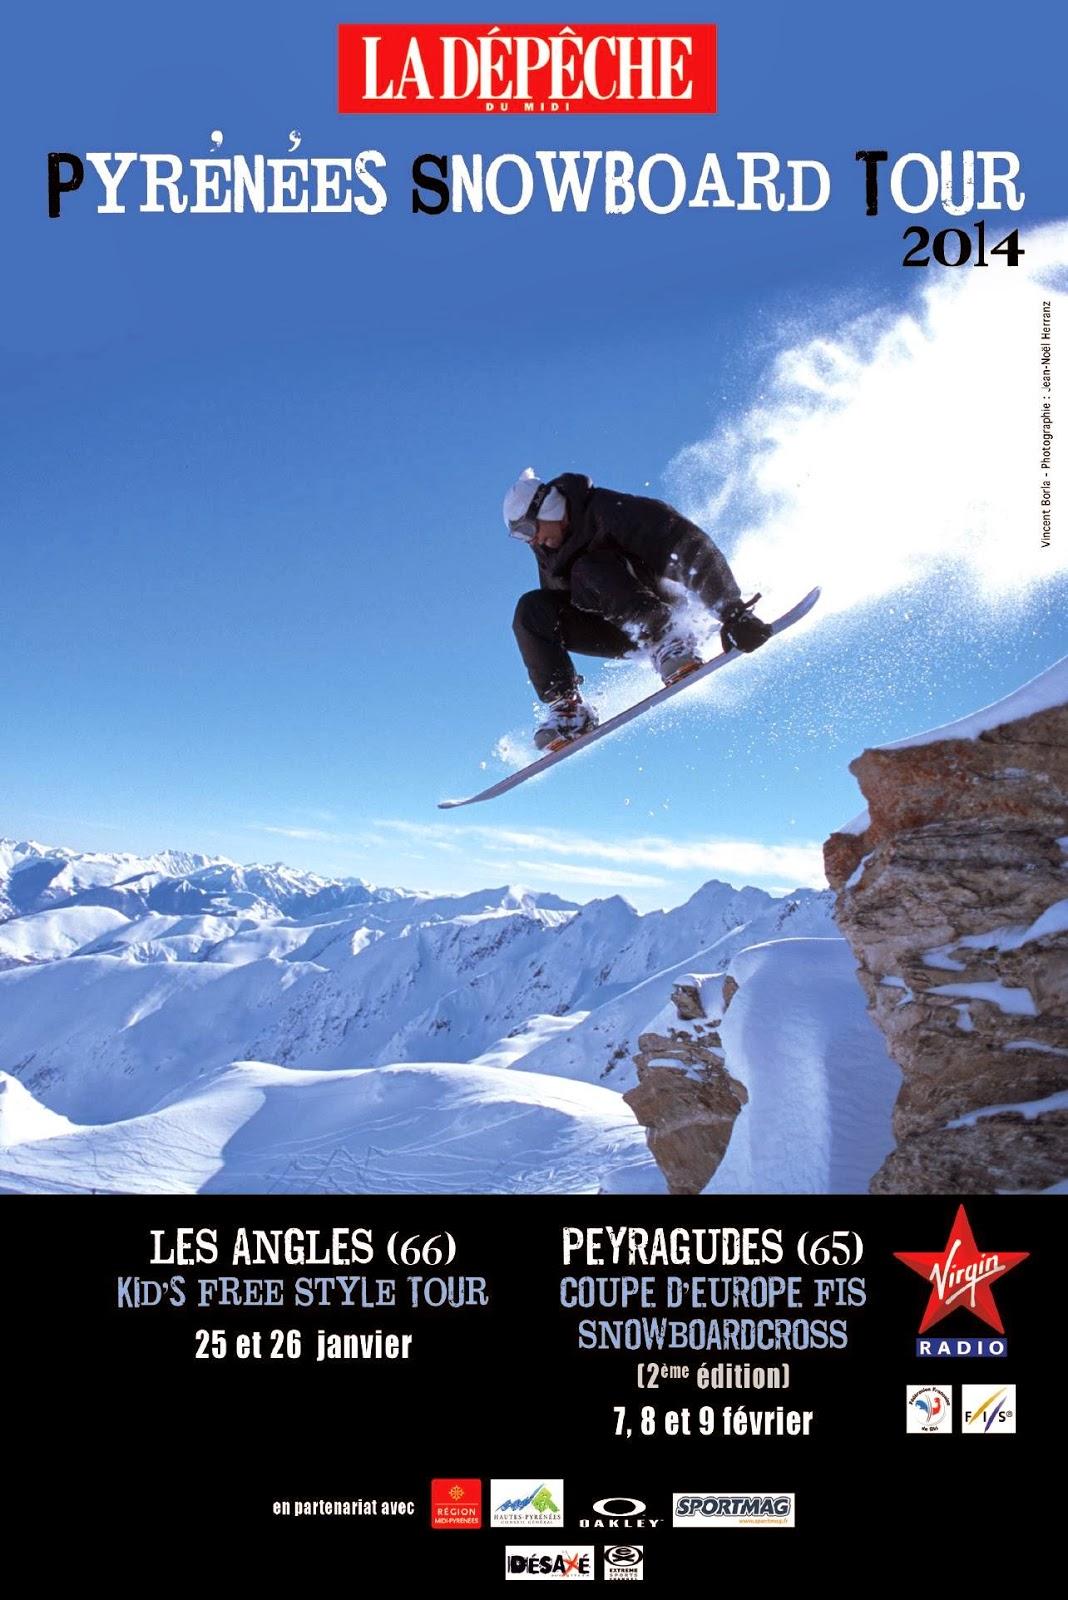 Pyrénées snowboard tour 2014 Les Angles